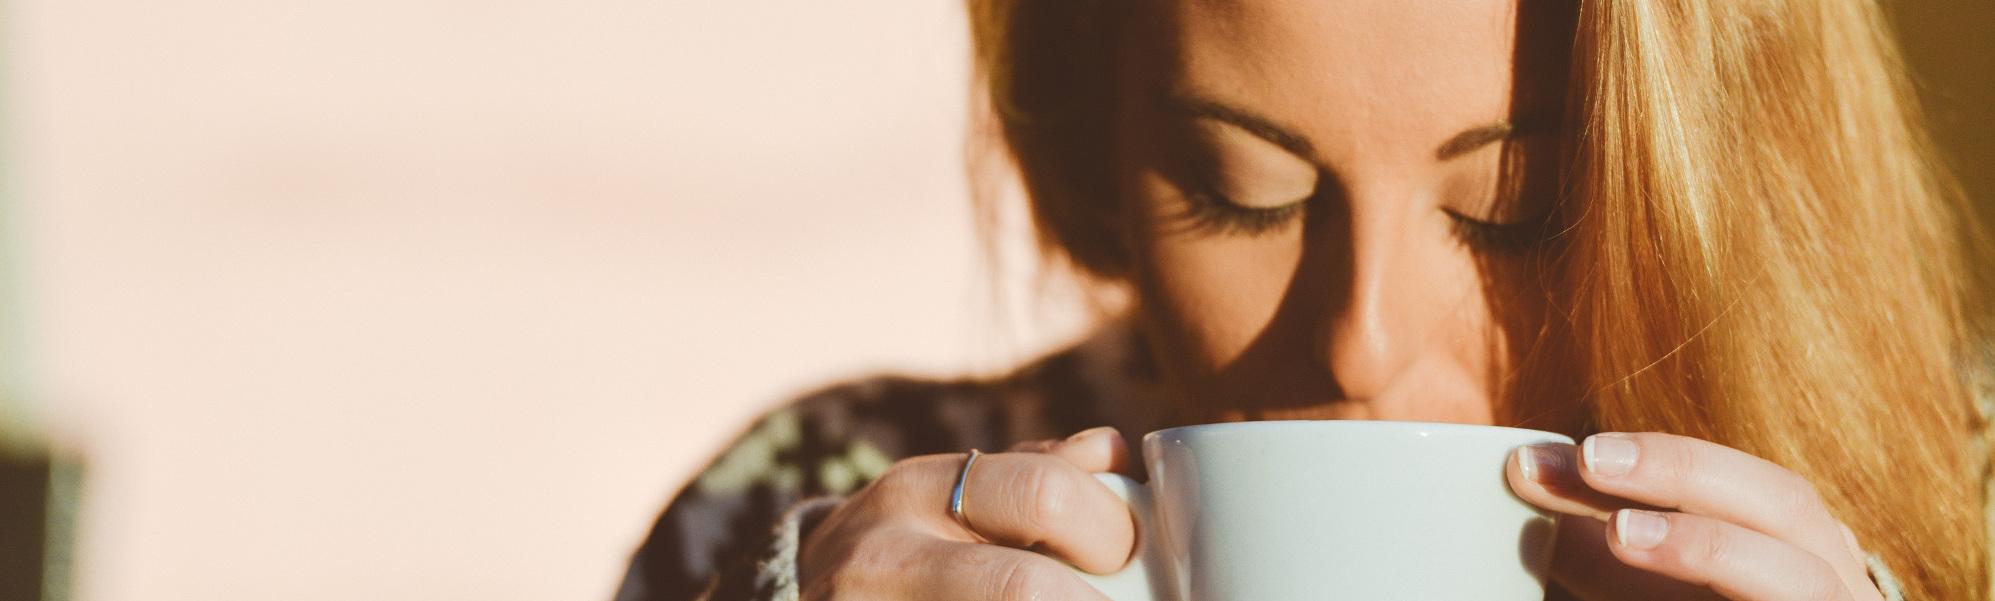 Frau trink aus einer Tasse